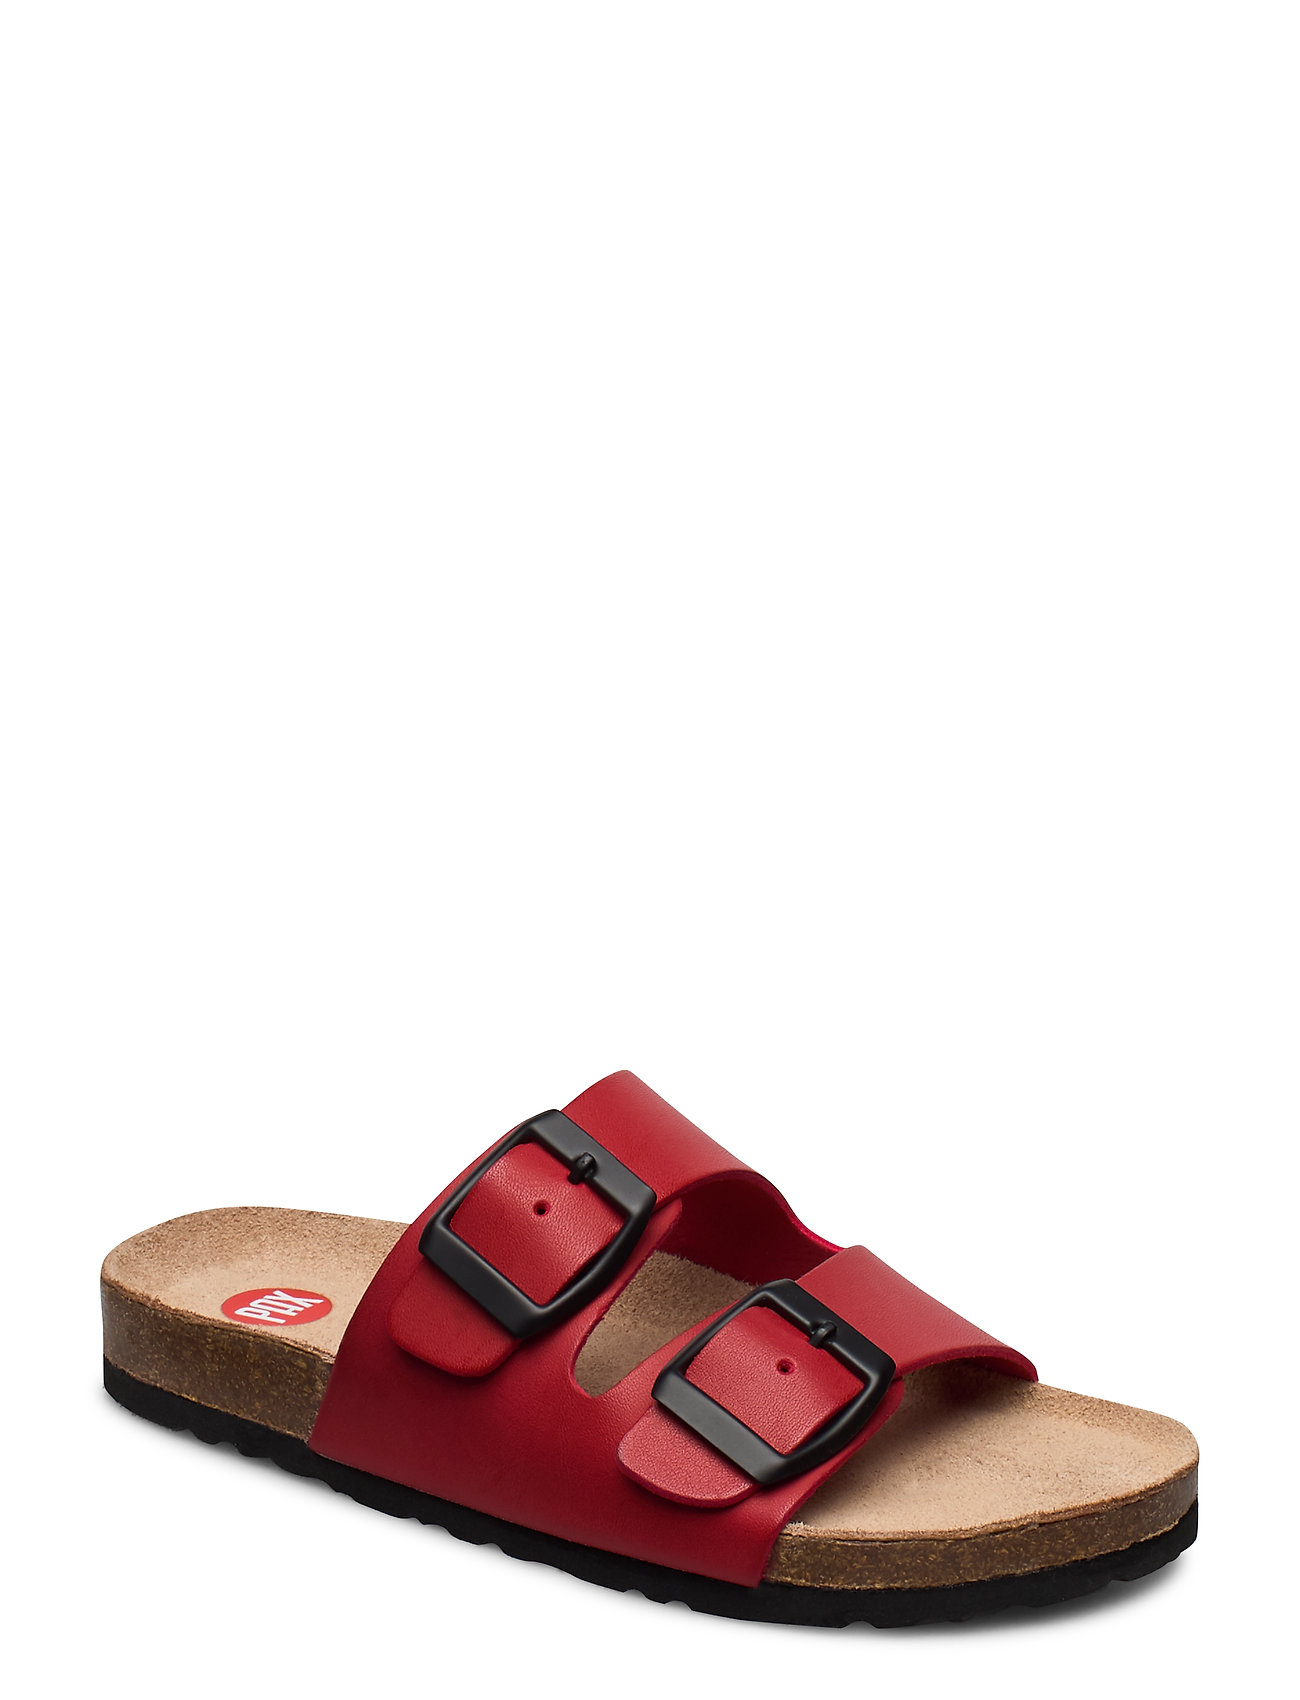 PAX - PIKA PAX SANDAL - schuhe - red - 0